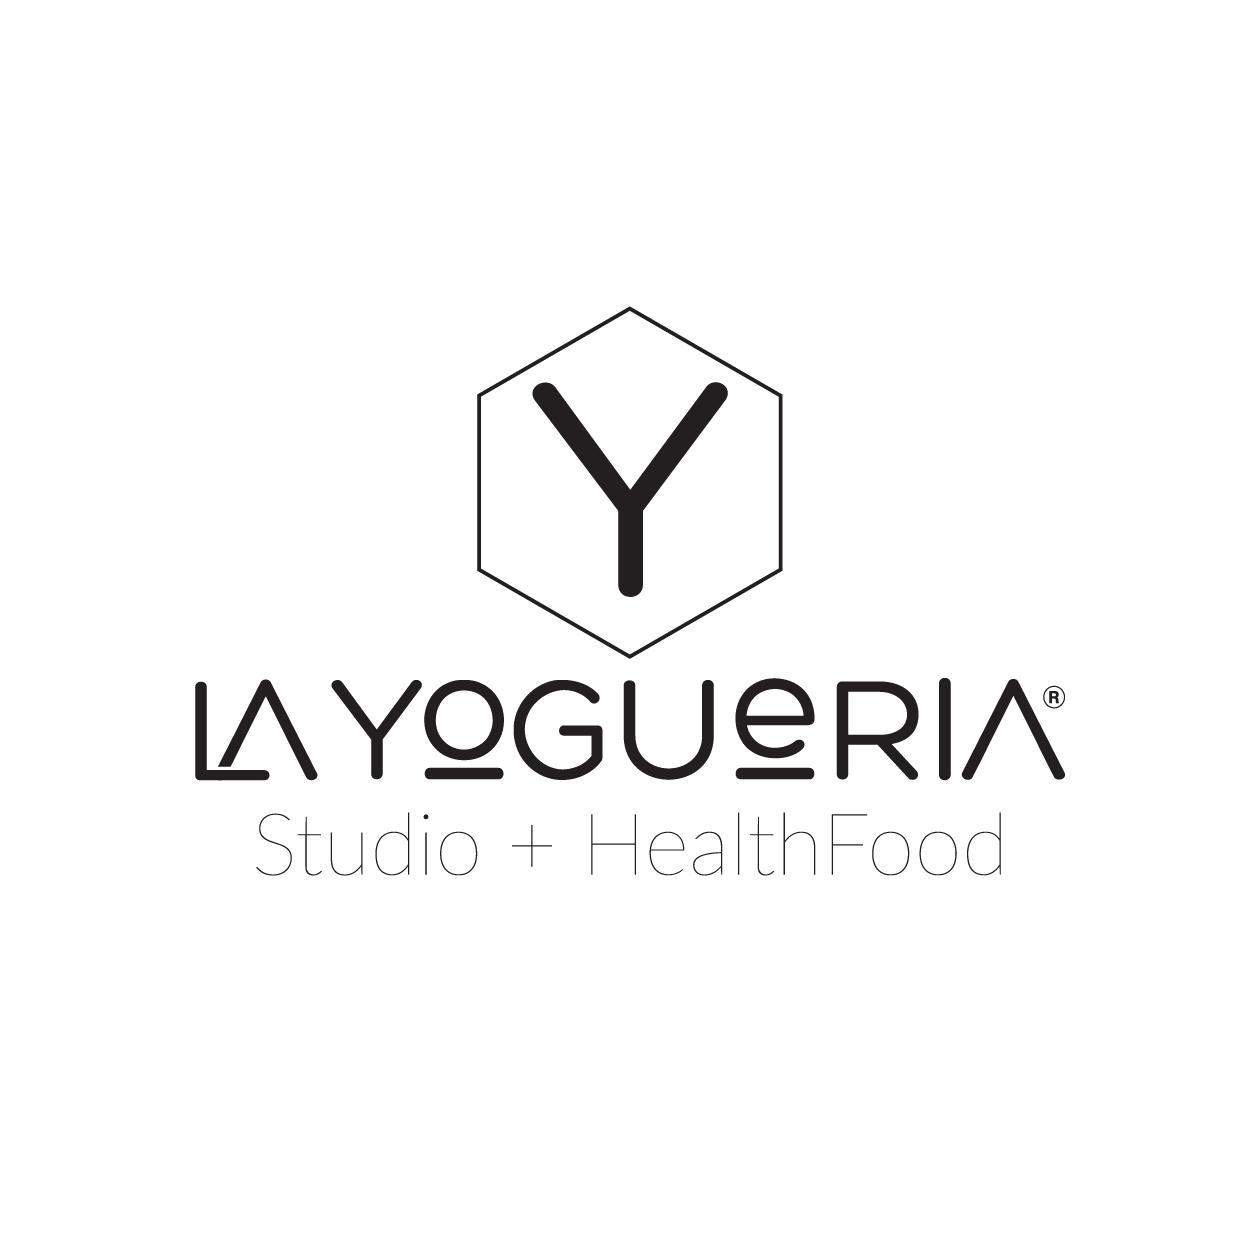 La Yogueria